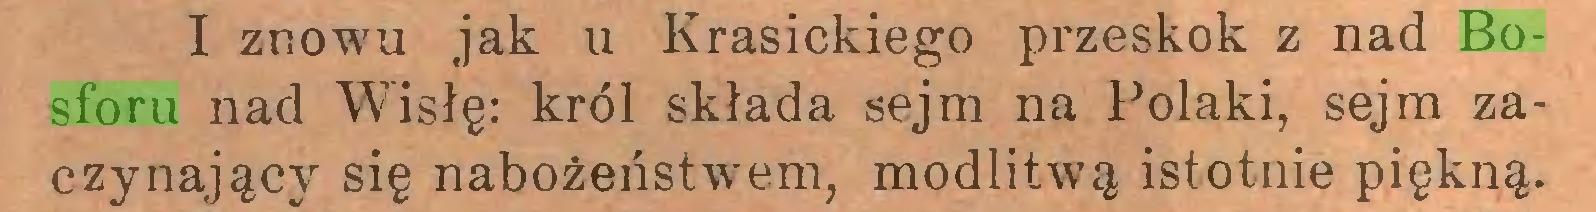 (...) I znowu jak u Krasickiego przeskok z nad Bosforu nad Wisłę: król składa sejm na Polaki, sejm zaczynający się nabożeństwem, modlitwą istotnie piękną...